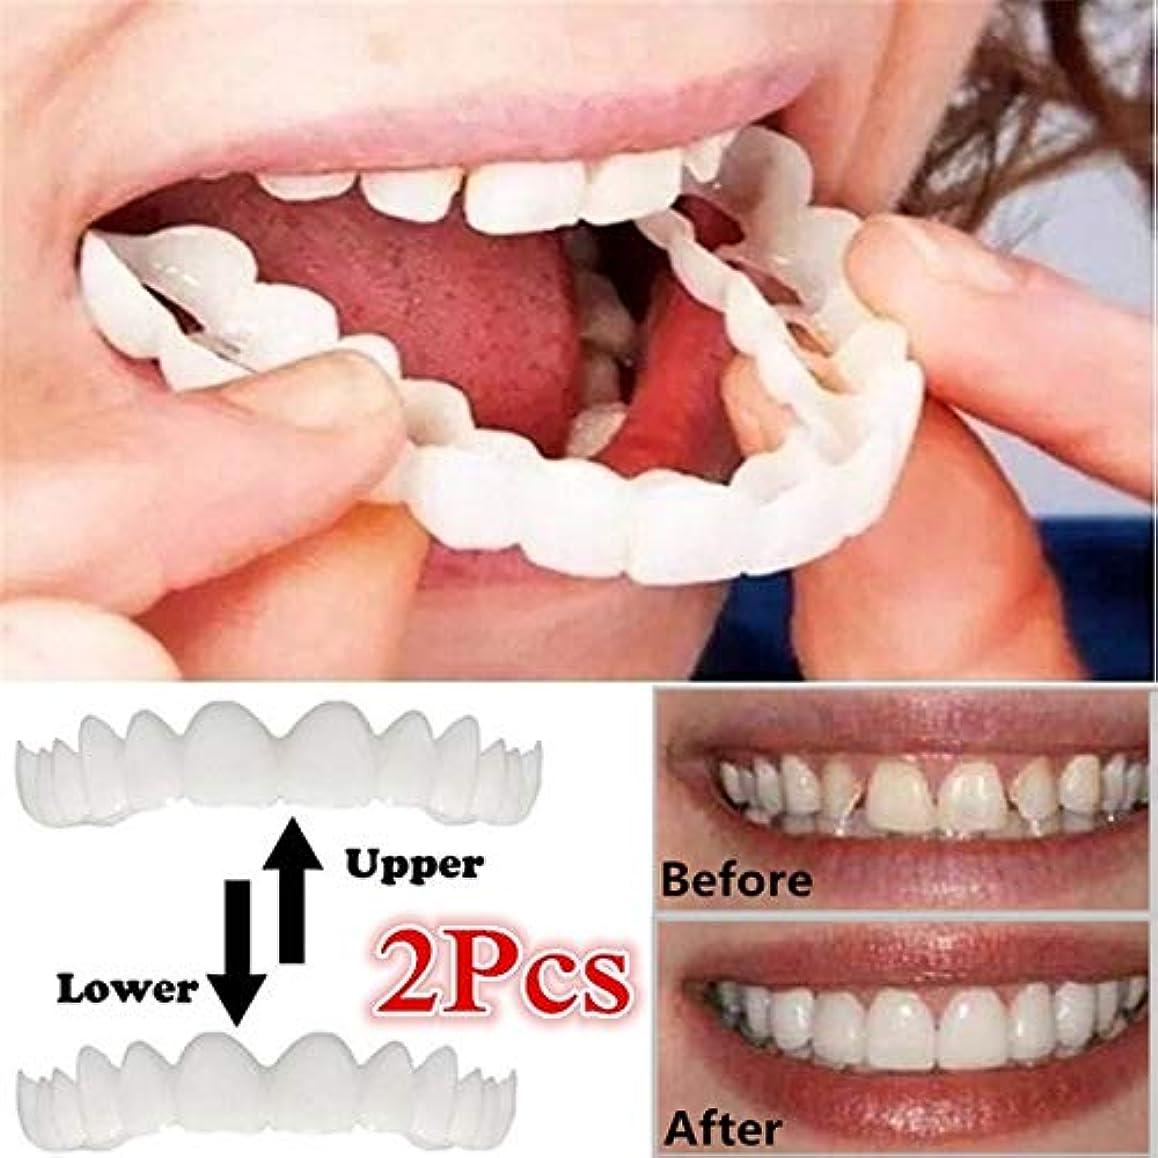 バケツ仮称アクチュエータ新しい1対の模擬歯の笑顔が、最も快適な上下の歯のベニア(一番下と一番上)のための柔らかい歯に快適にフィット